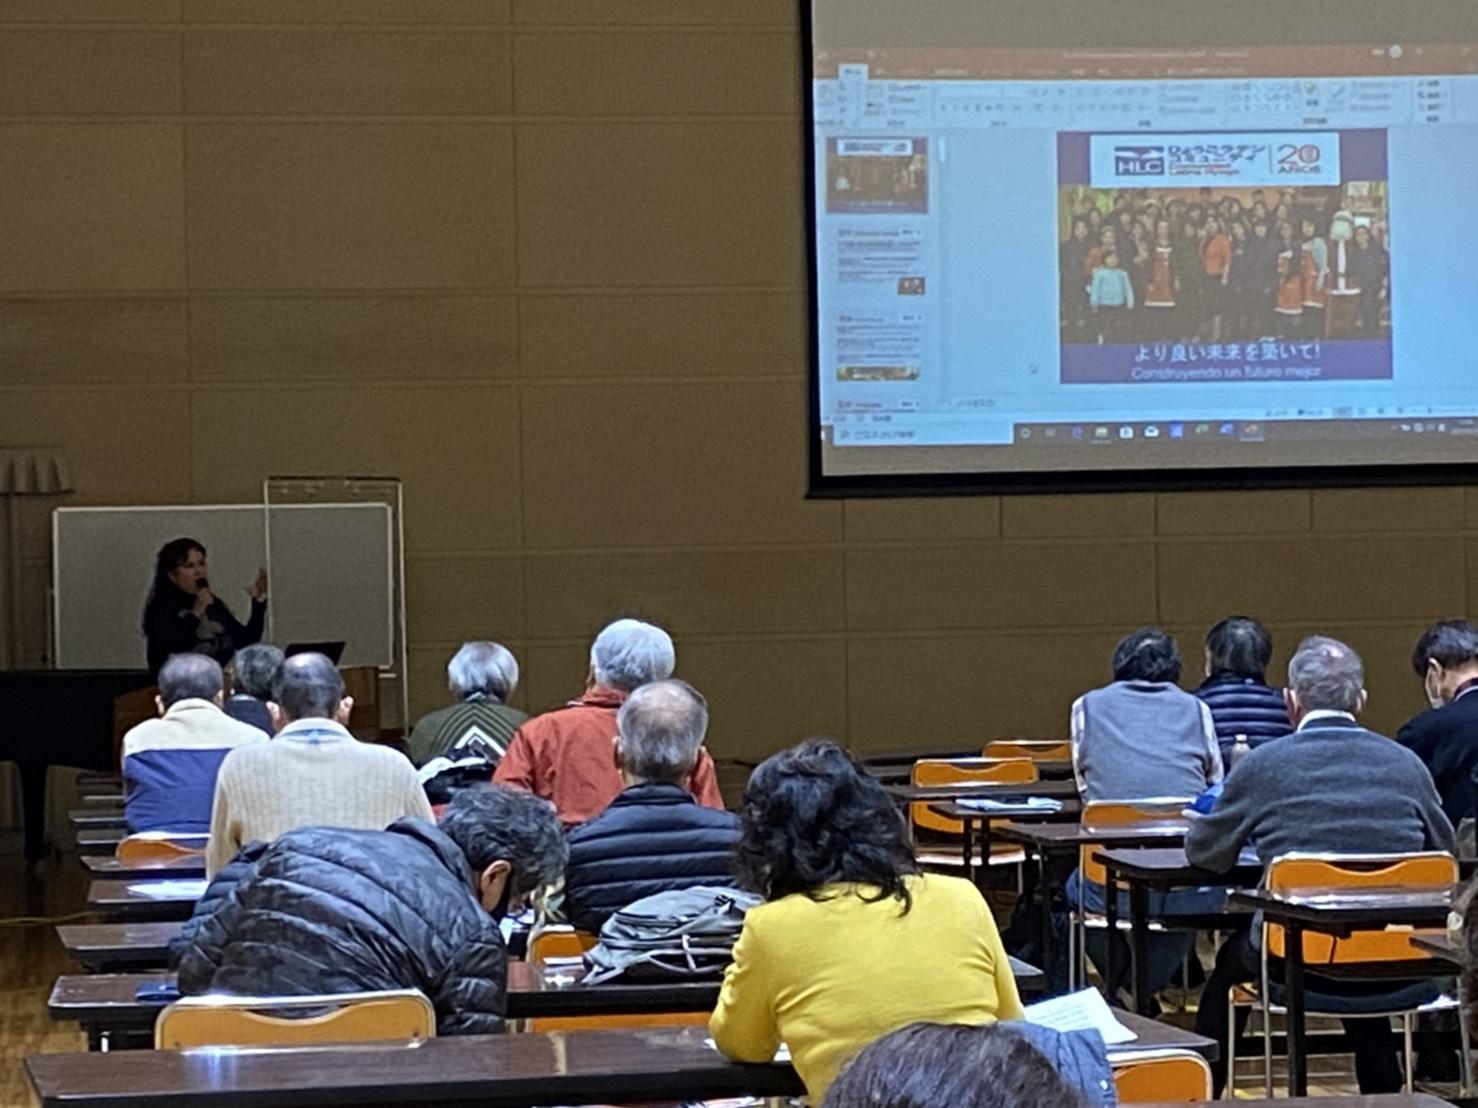 ◆◆ 神戸シルバーカレッジで講演しました/Charla en la universidad para adultos mayores Kobe Silver College ◆◆